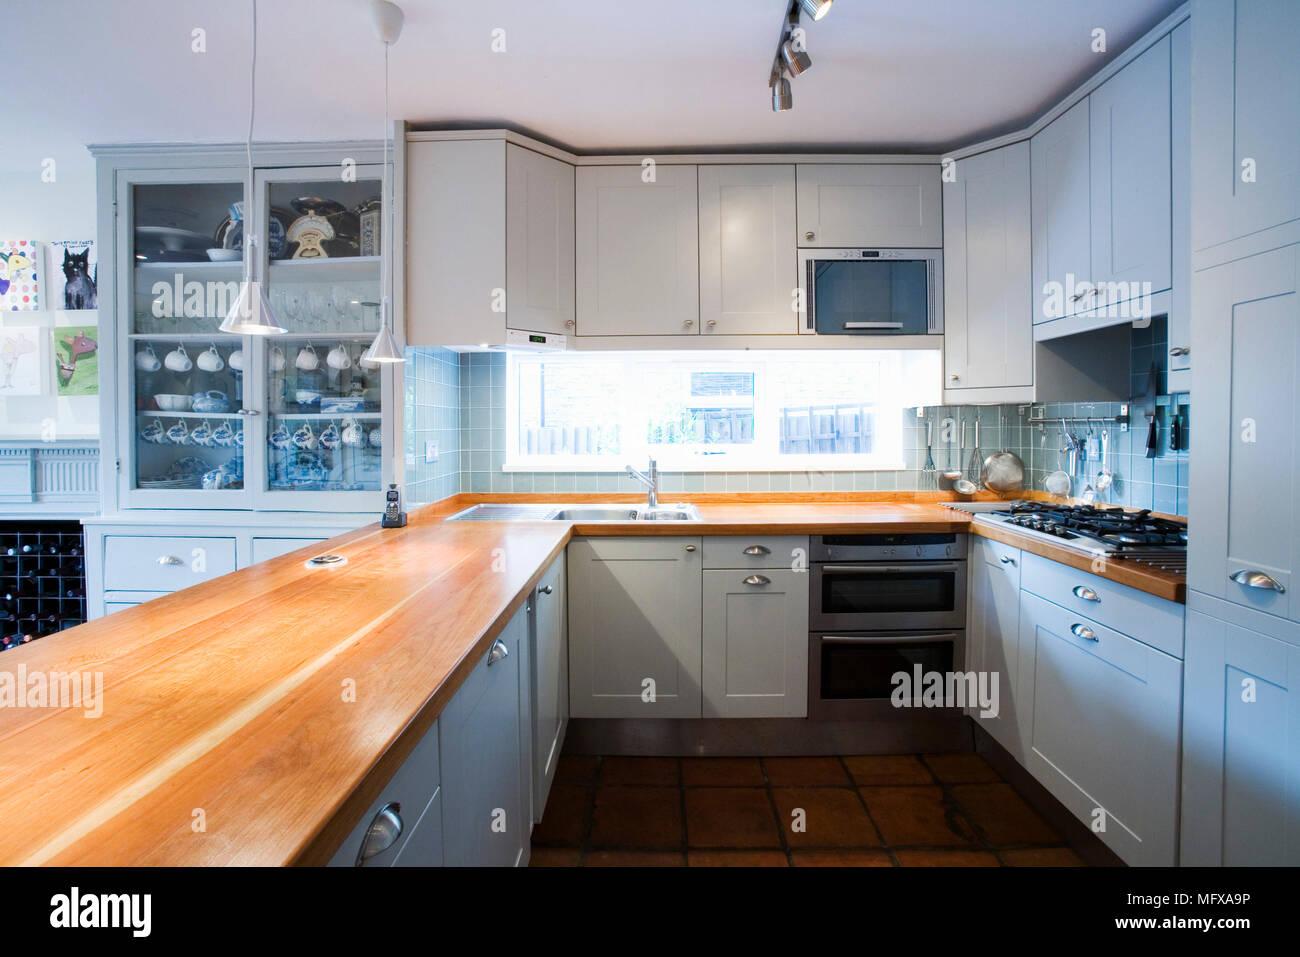 Einheit mit Holz Arbeitsplatte in der Küche mit blau lackierten ...